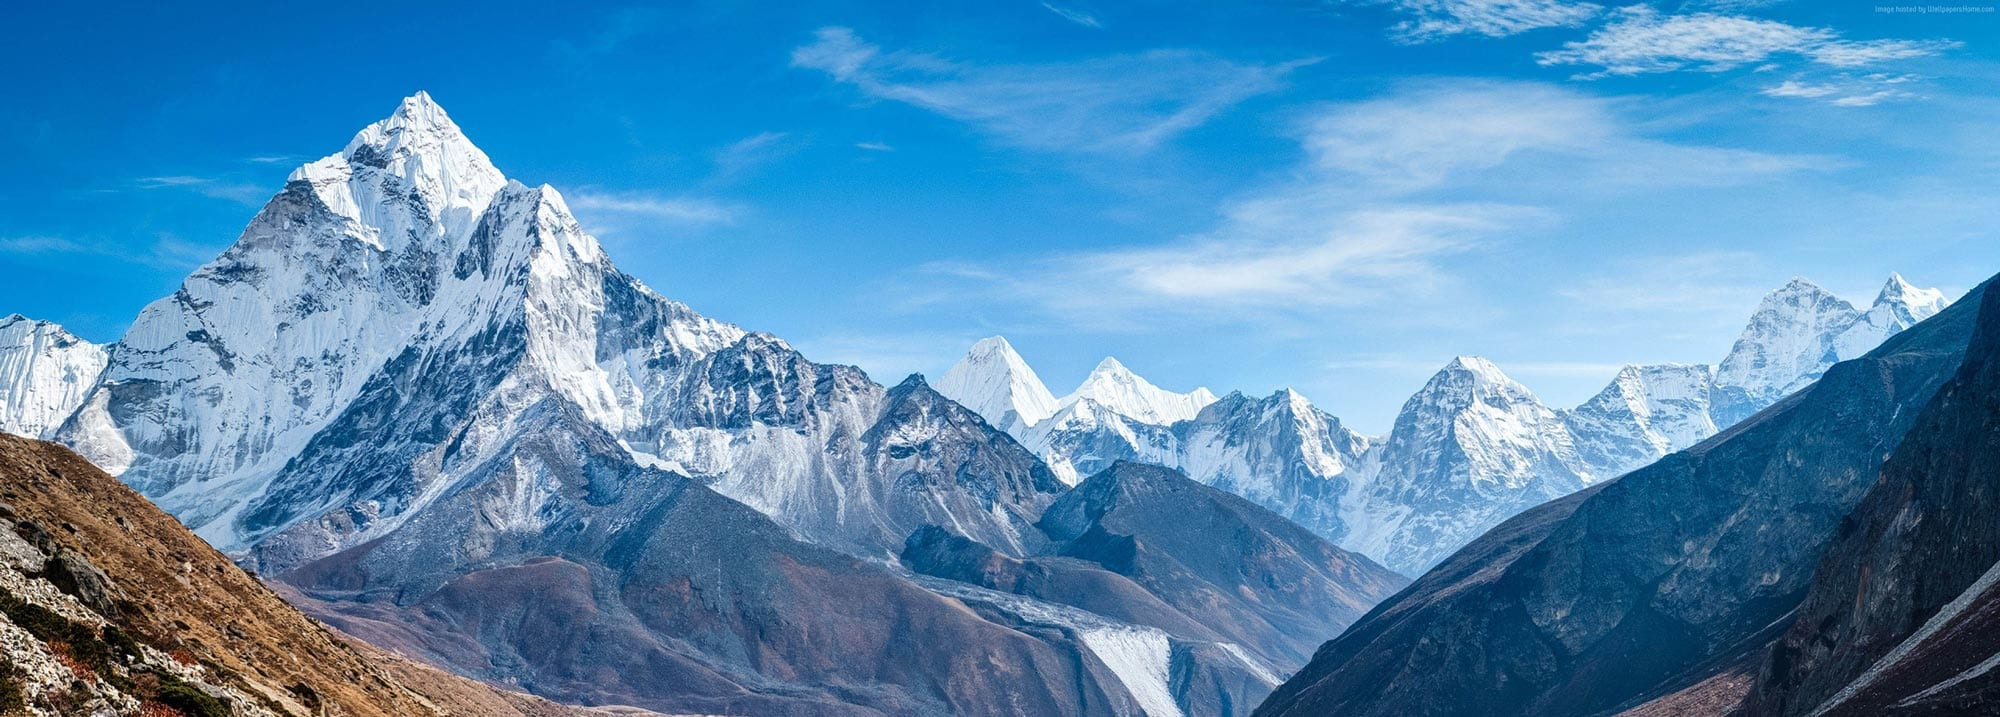 Ама-Даблам - жемчужина Непала